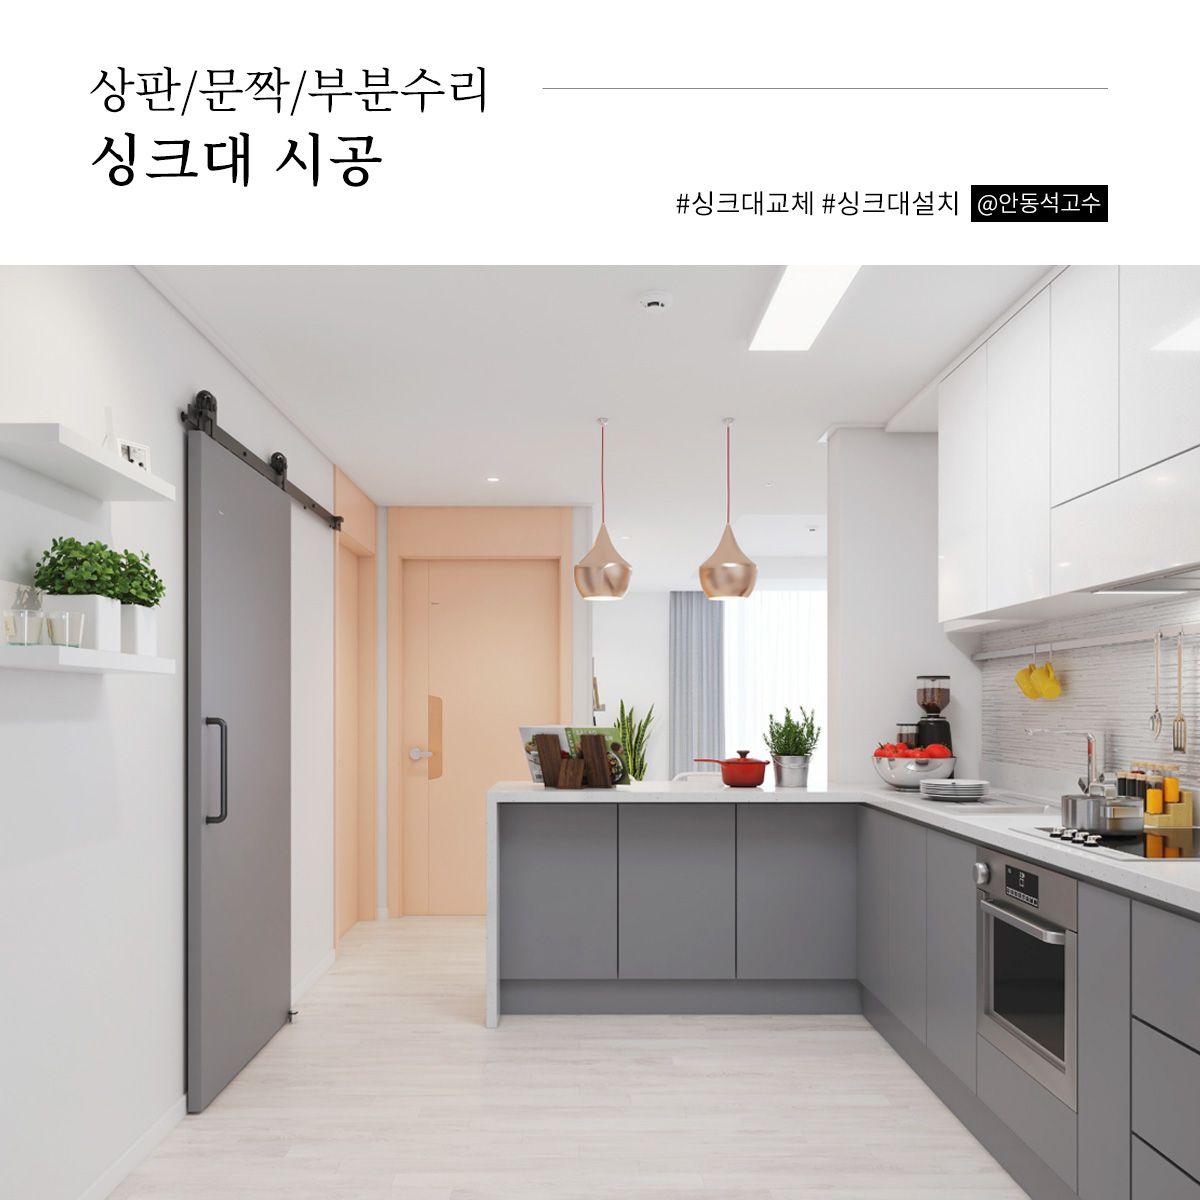 싱크대 교체 작은 아파트 부엌 부엌리모델링 부엌 인테리어 디자인